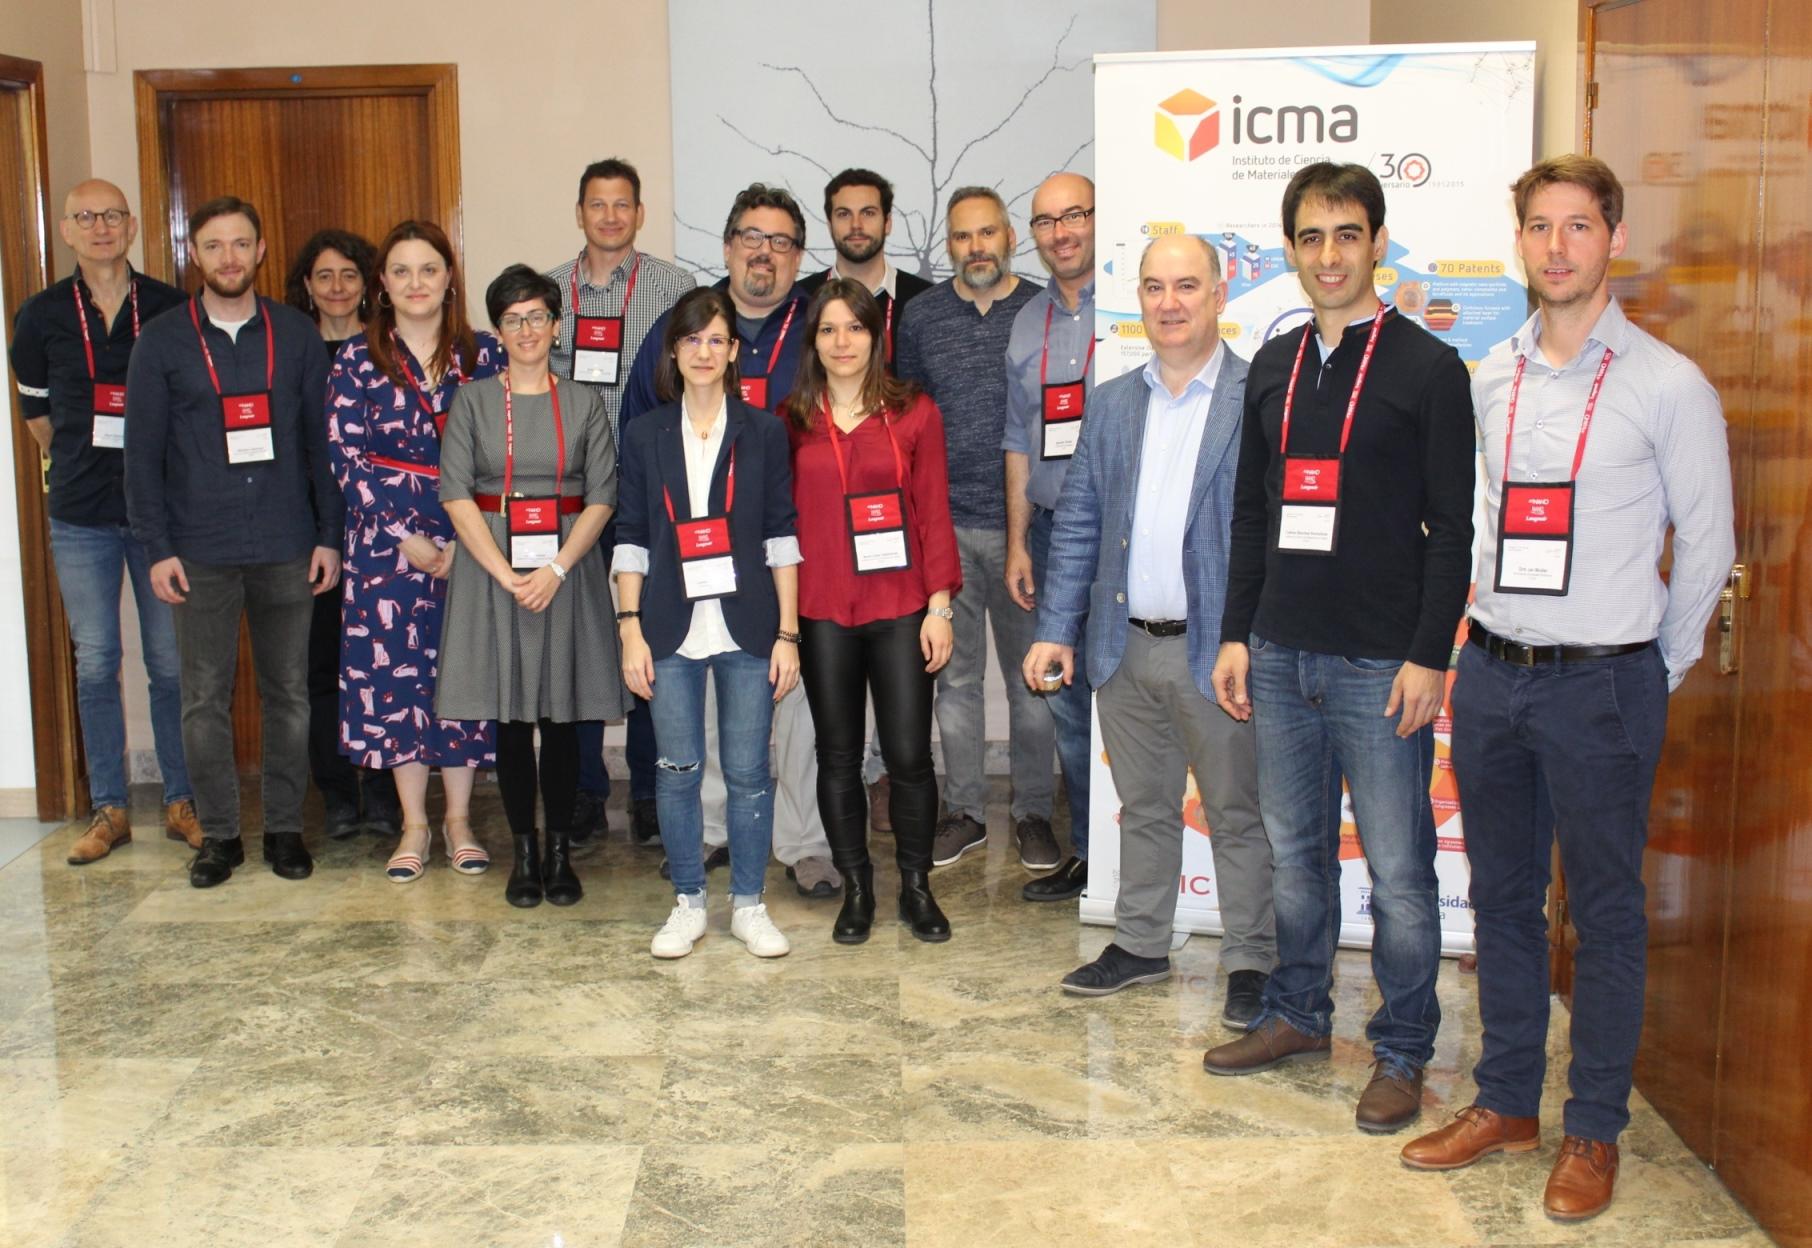 Reunión Proyecto PRIME ICMA Carlos Somolinos 2